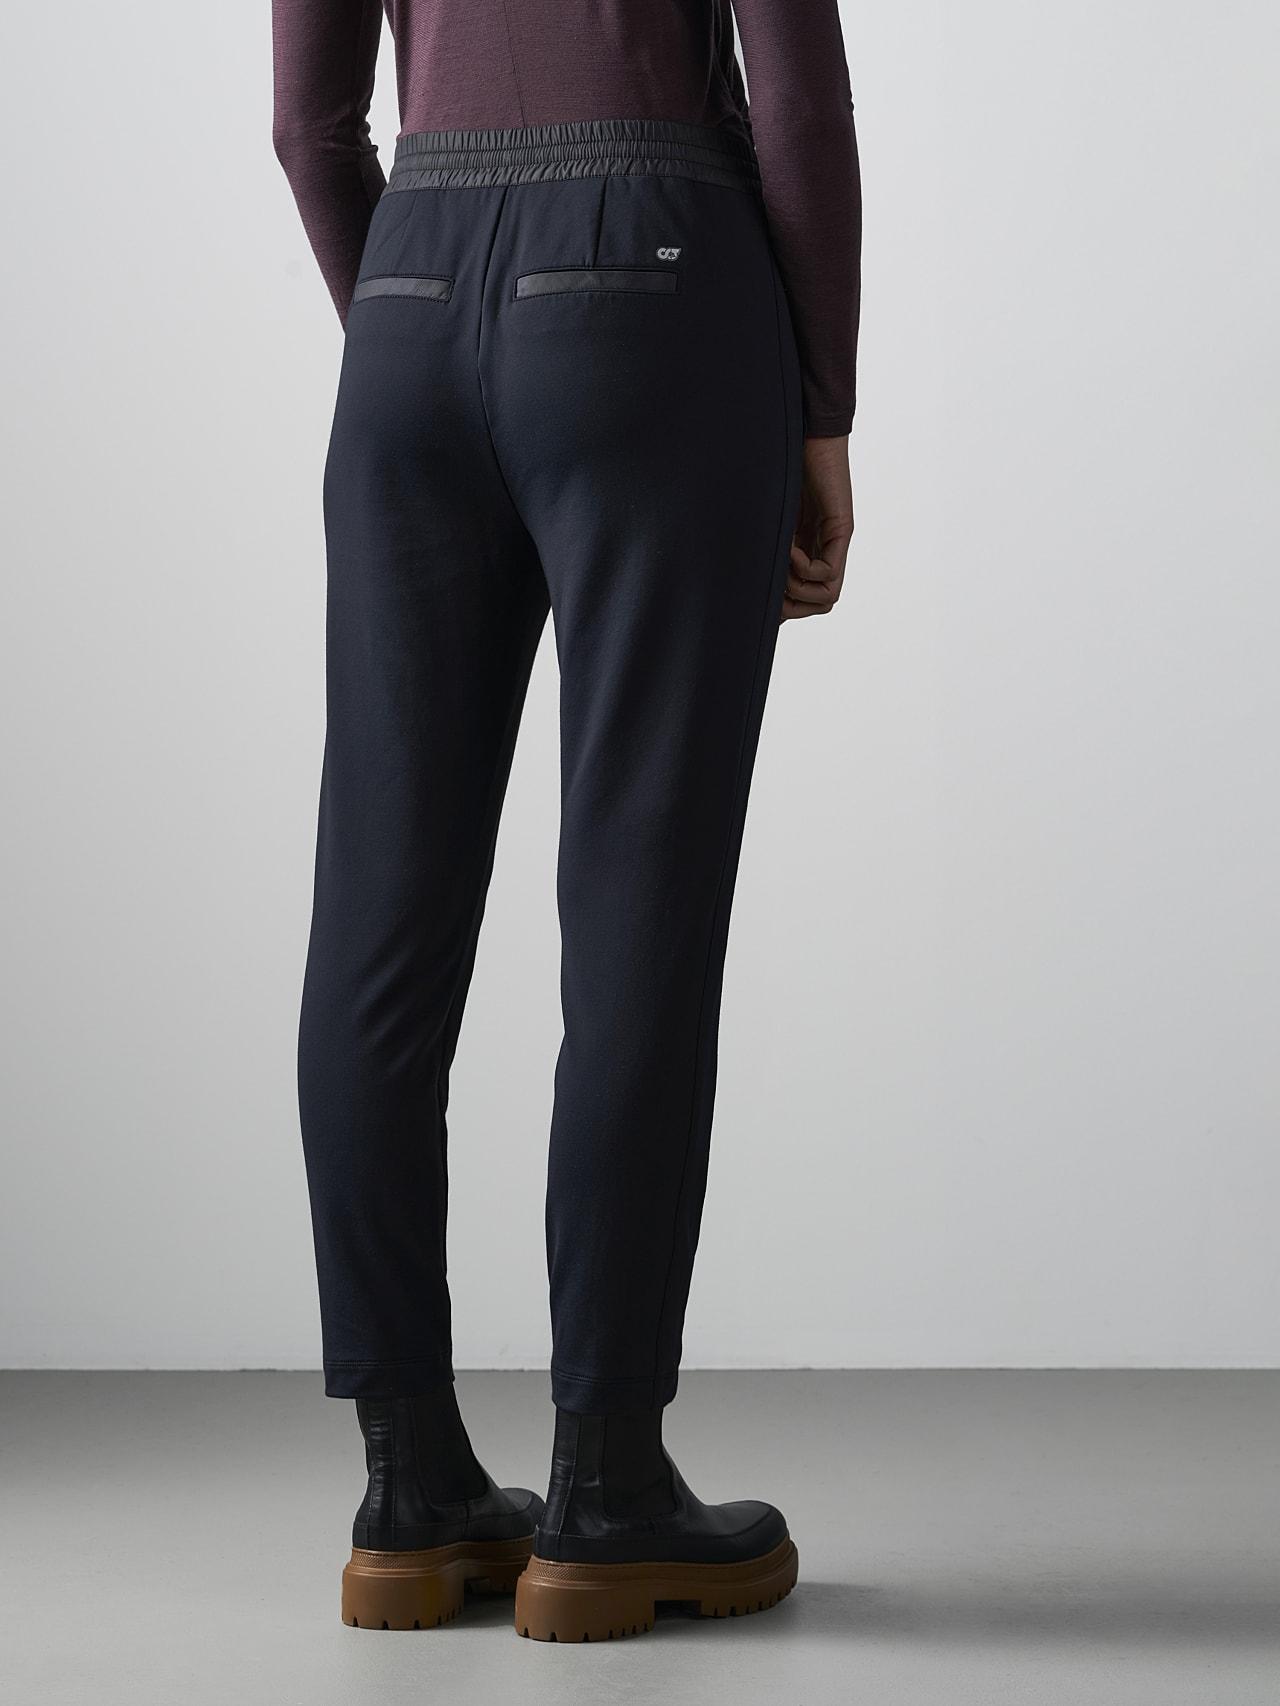 PANTA V1.Y4.02 Cropped Pants black Front Main Alpha Tauri